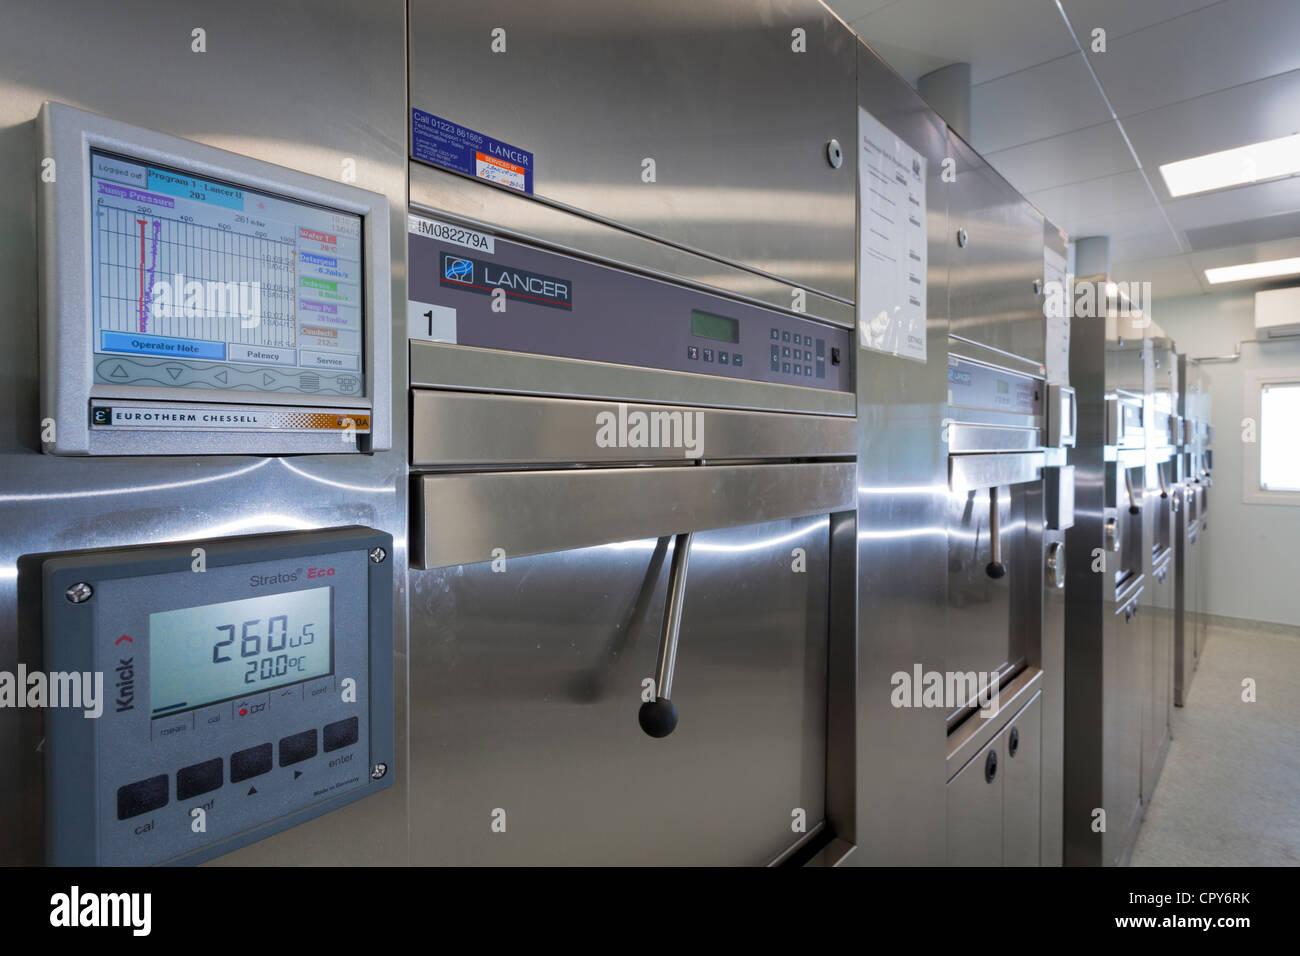 Royal Hospital di Bournemouth Unità Di Endoscopia, strumento trasformazione camera - Apparecchiature usate Immagini Stock